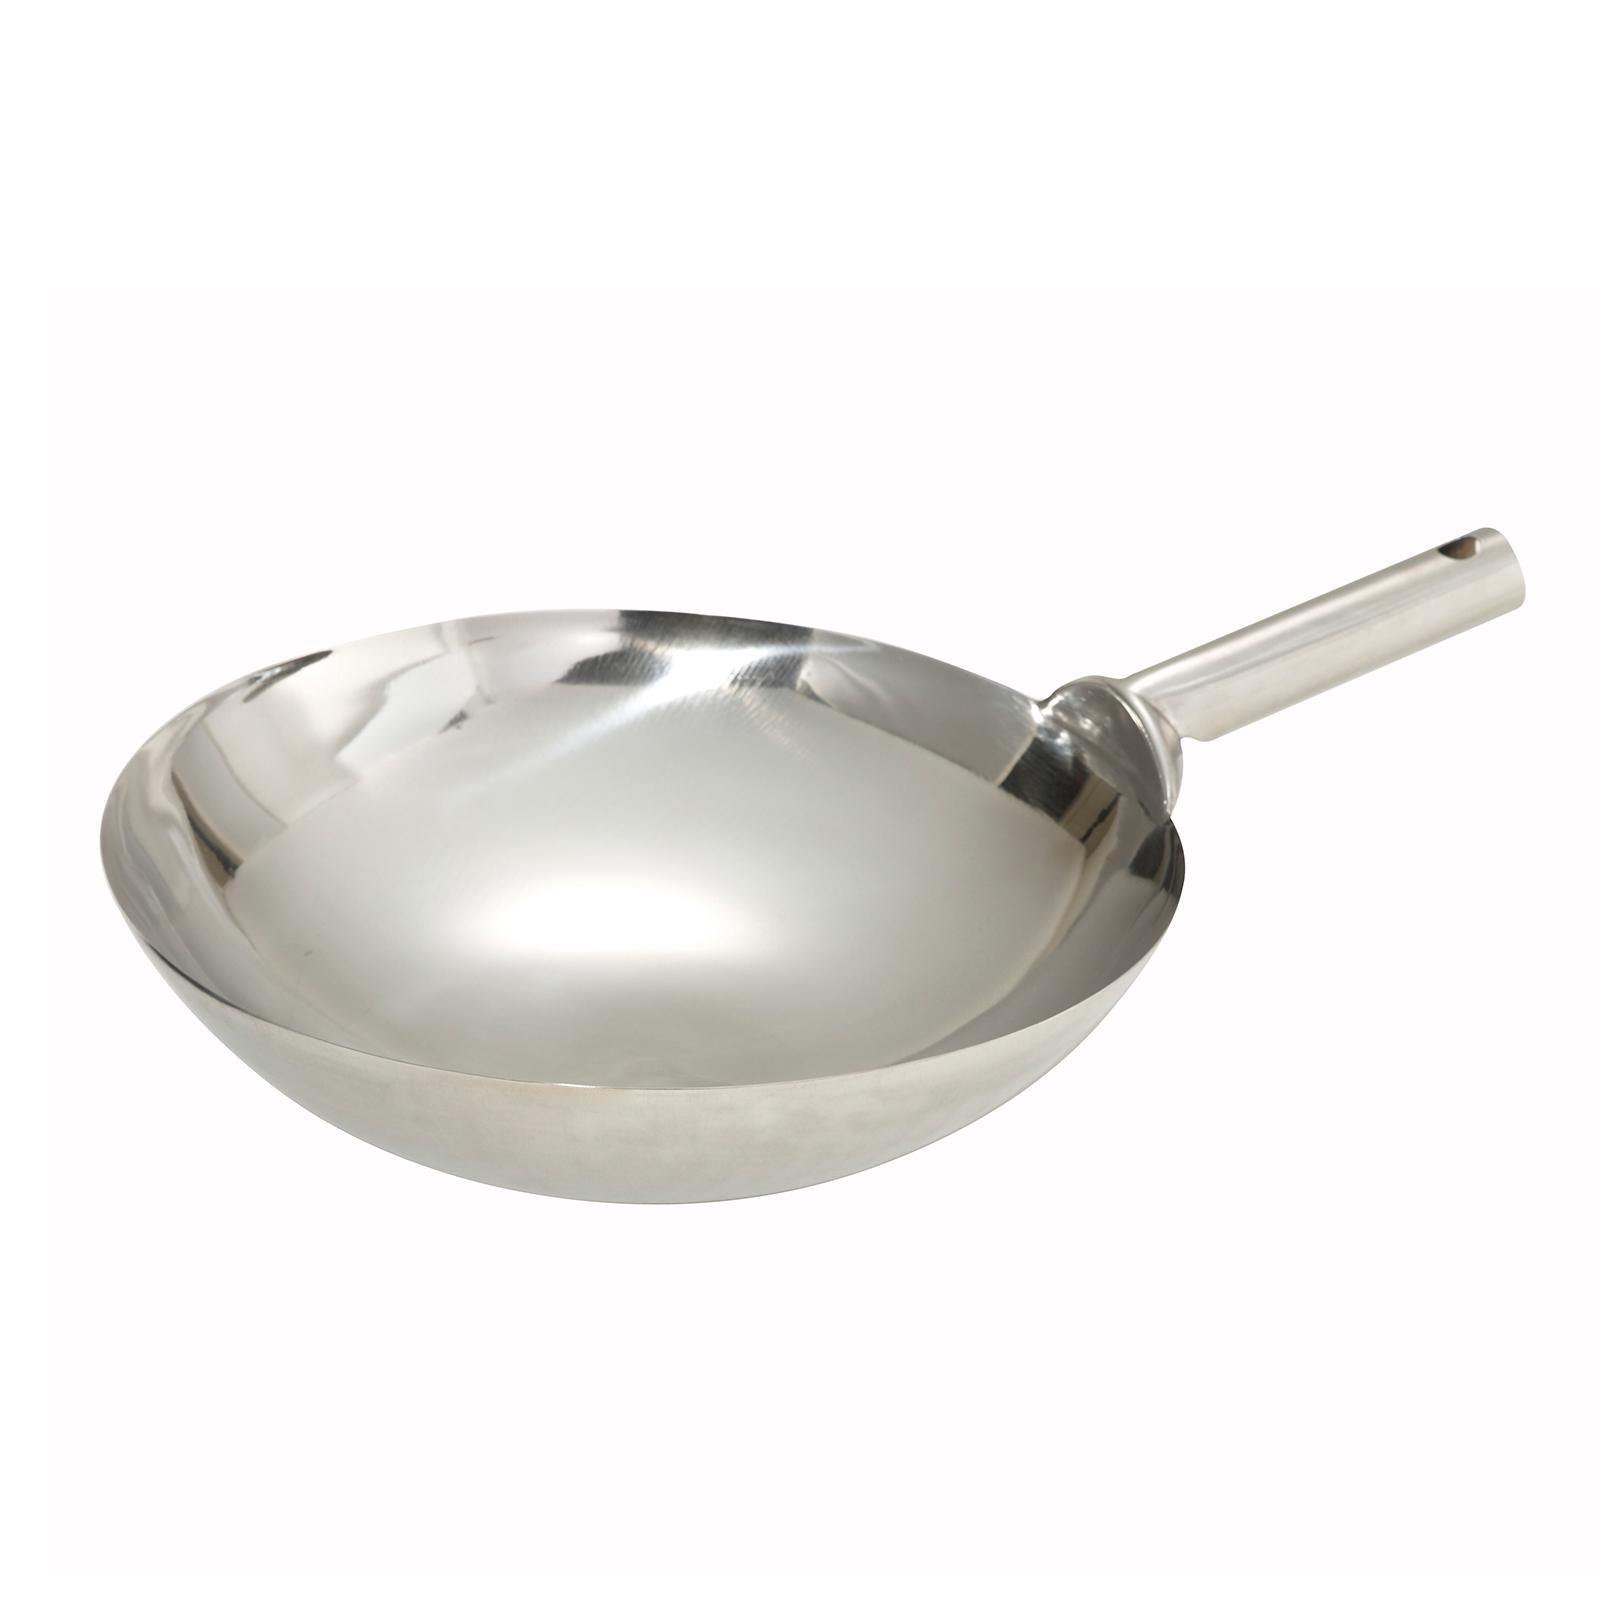 Winco WOK-16W wok pan